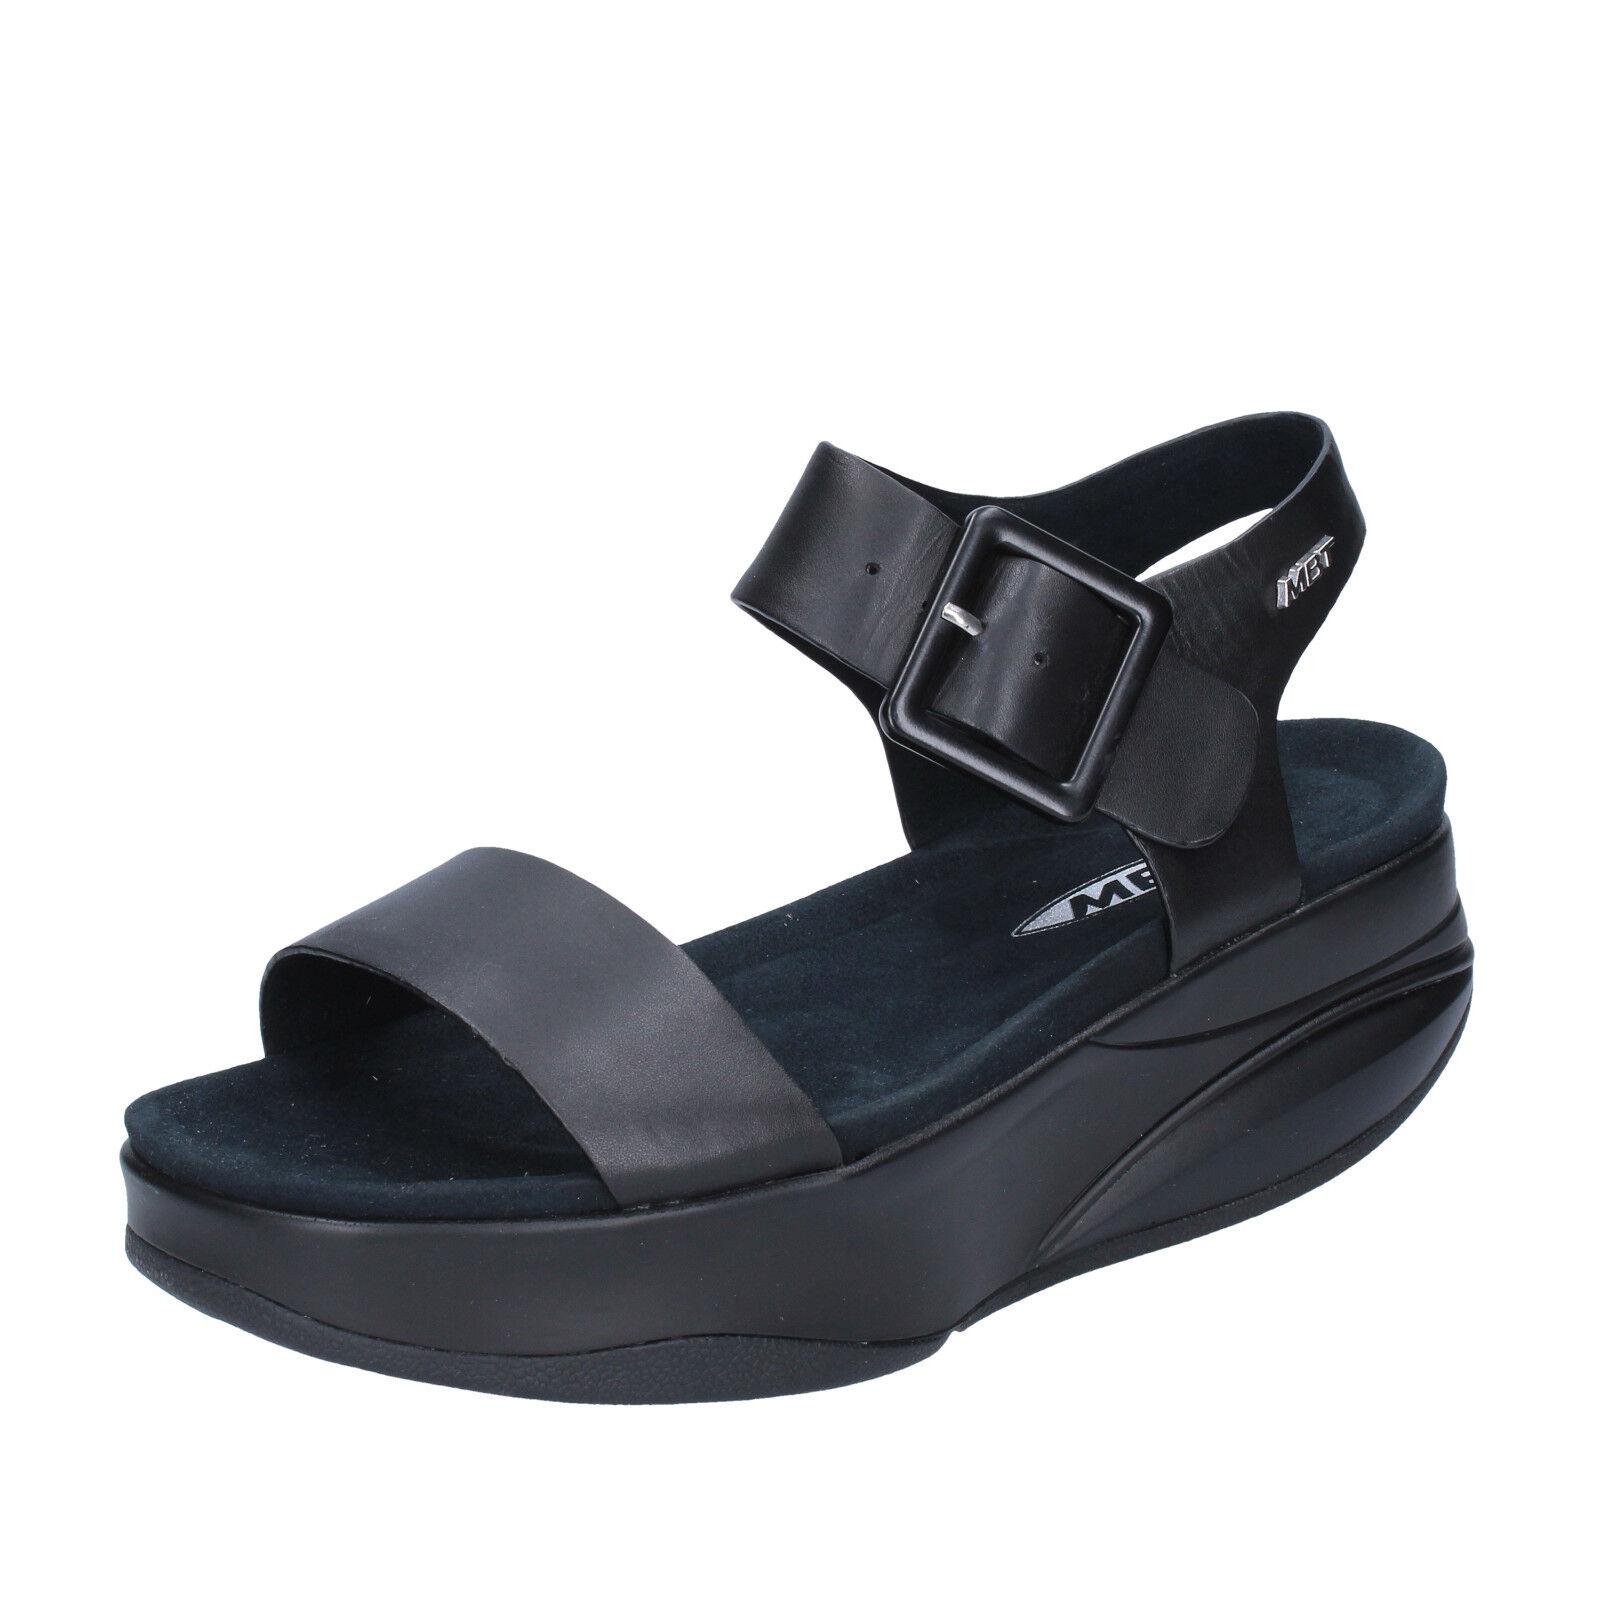 più preferenziale Donna  scarpe scarpe scarpe MBT 11   11,5 (EU 42) sandals nero leather performance BX885-42  vendita con alto sconto